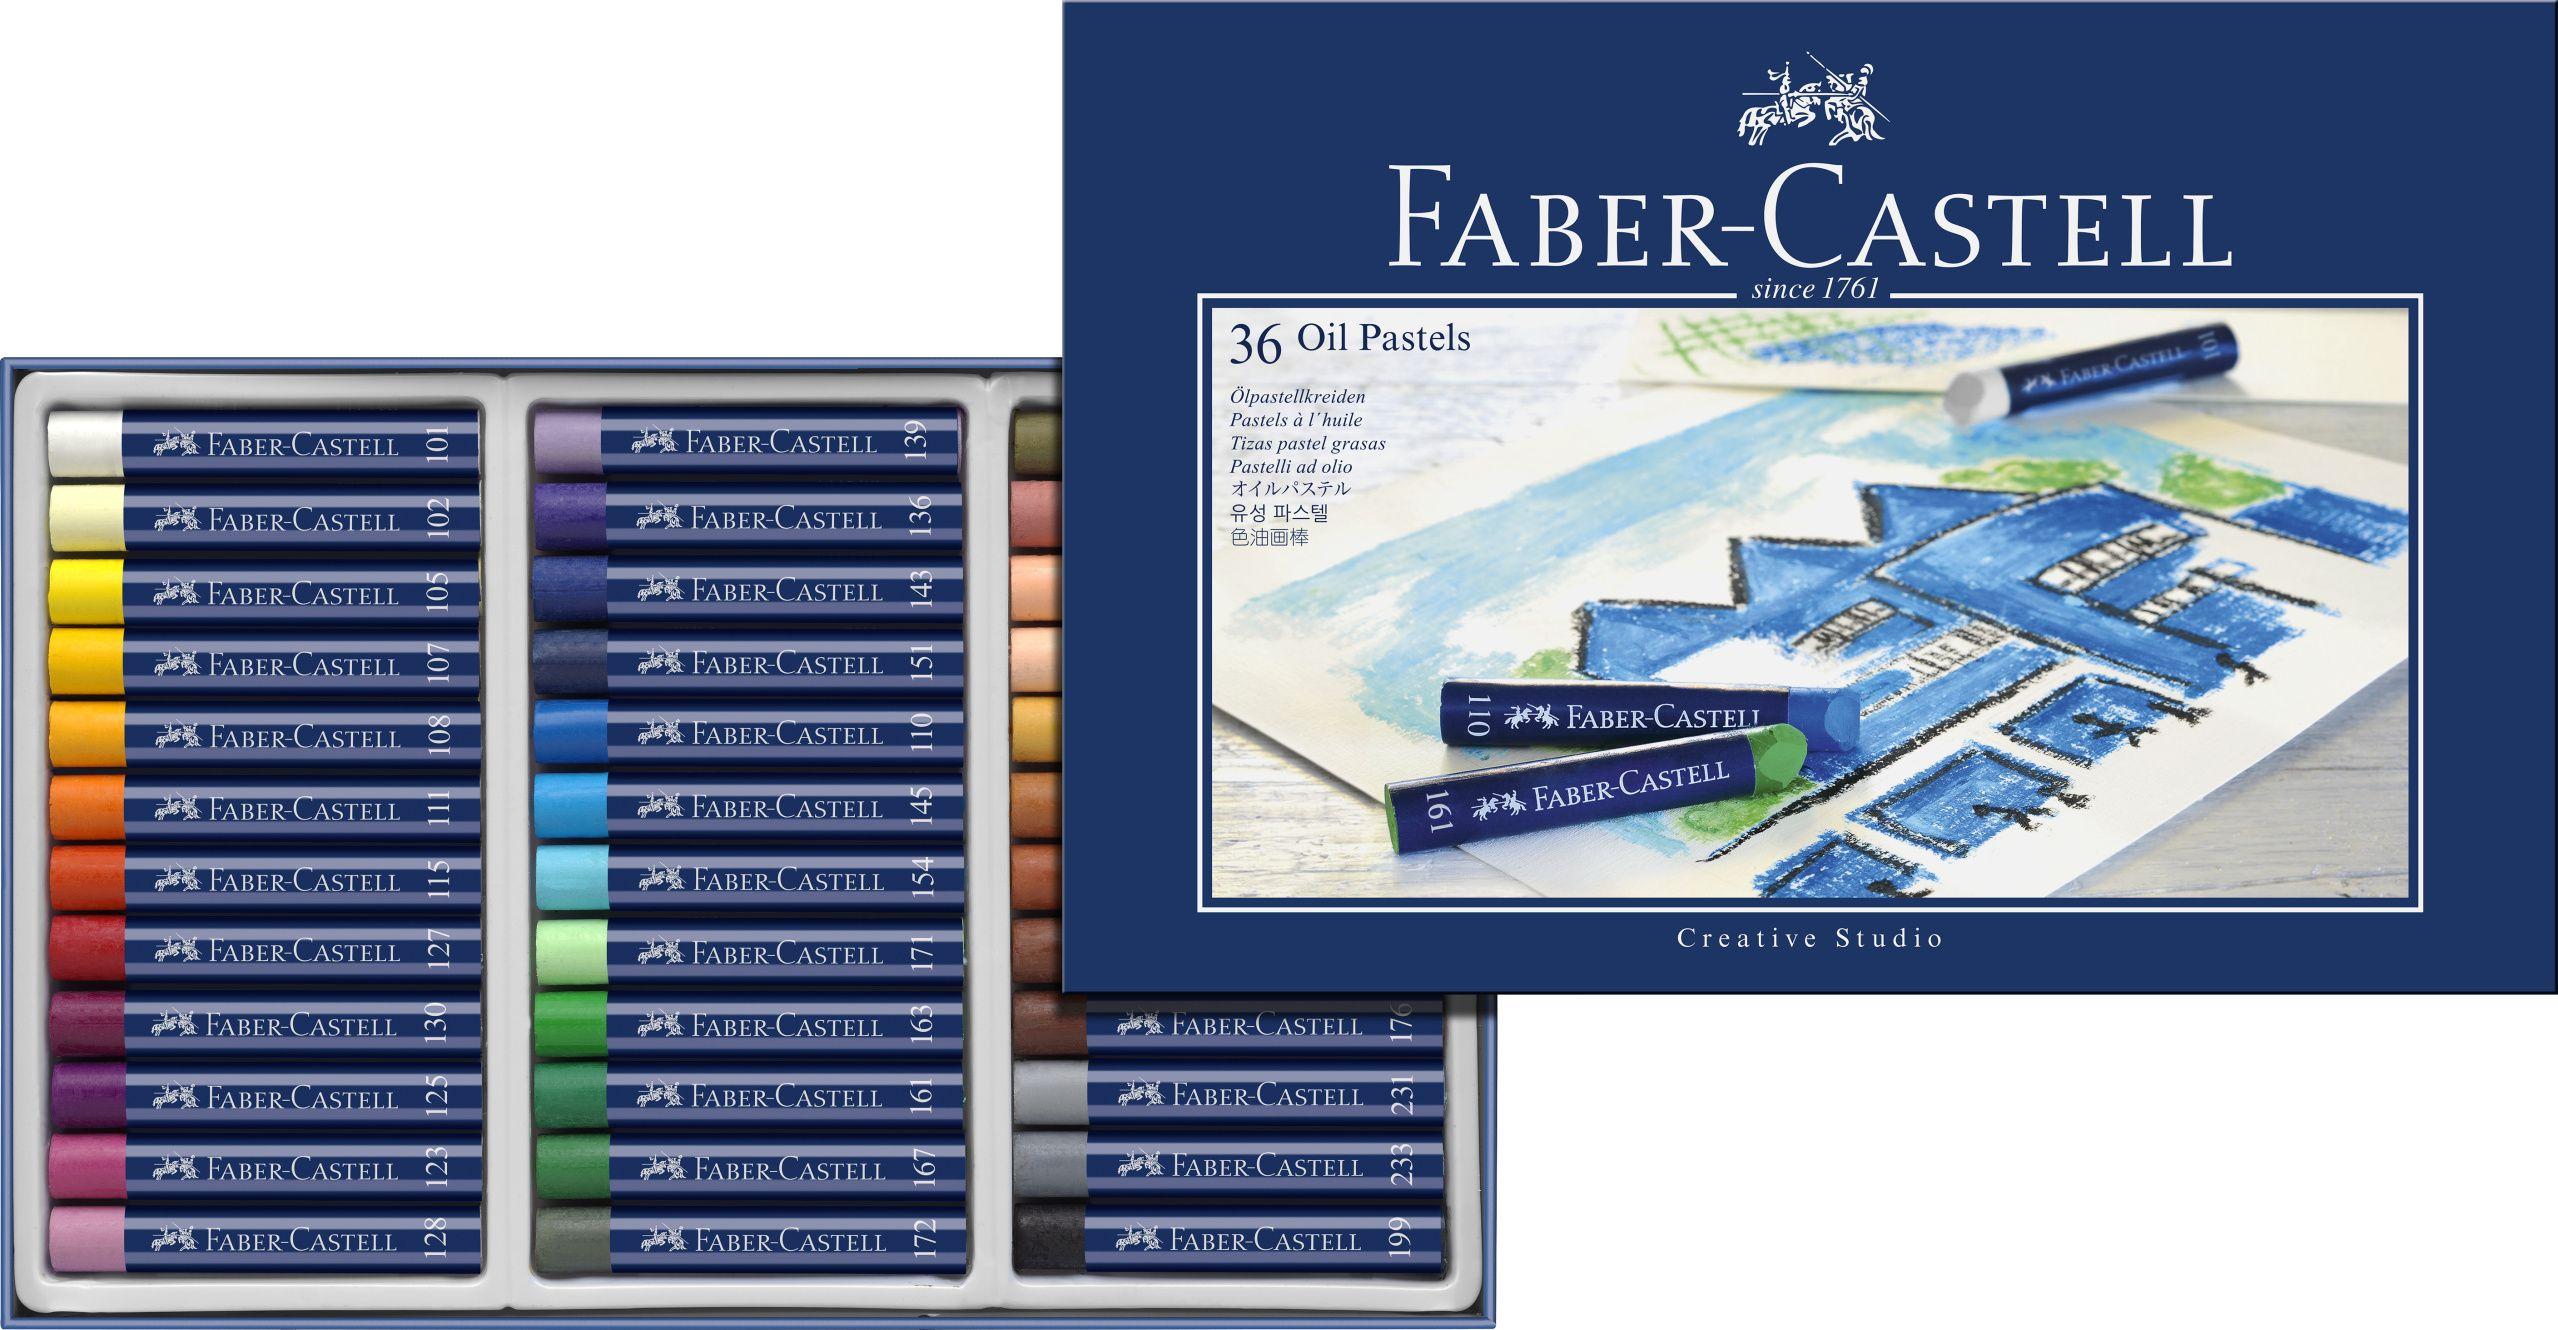 Маслени пастели Faber-Castell - Creative Studio, 36 броя - 2